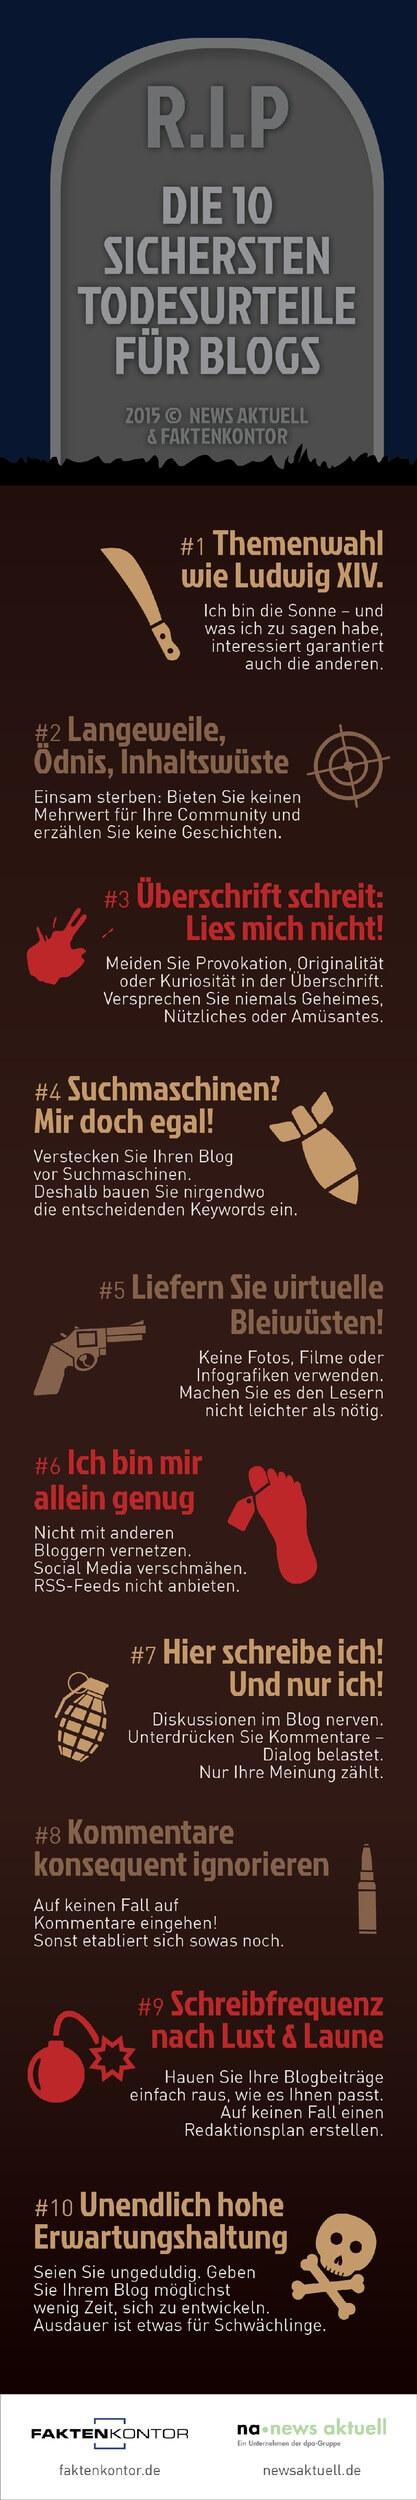 ds-blogs-fehler